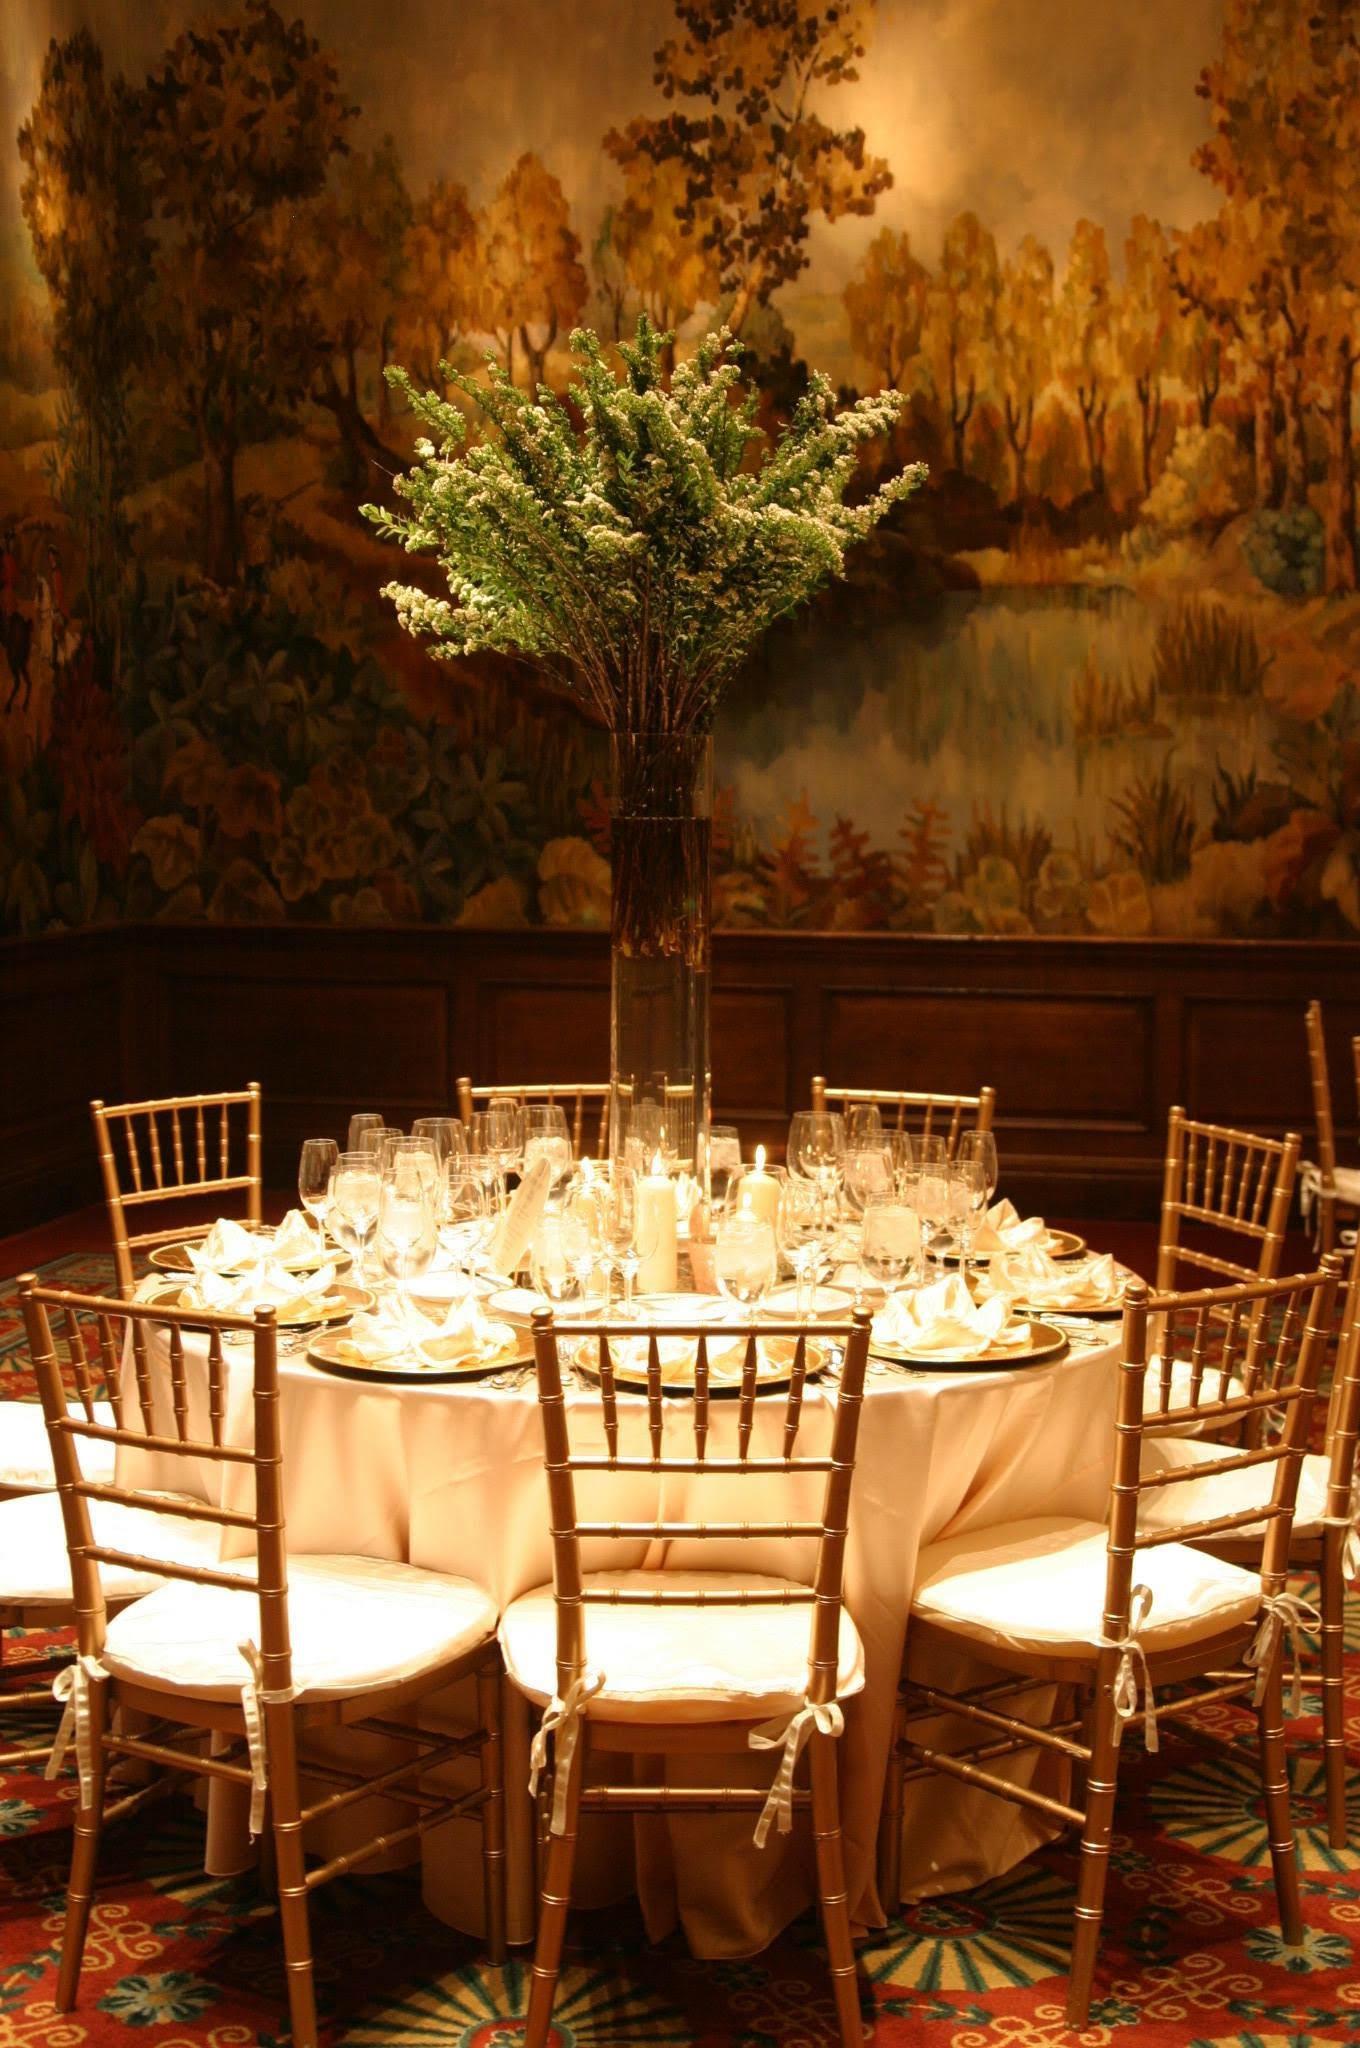 chair-covers-pittsburgh-weddings-47.jpg